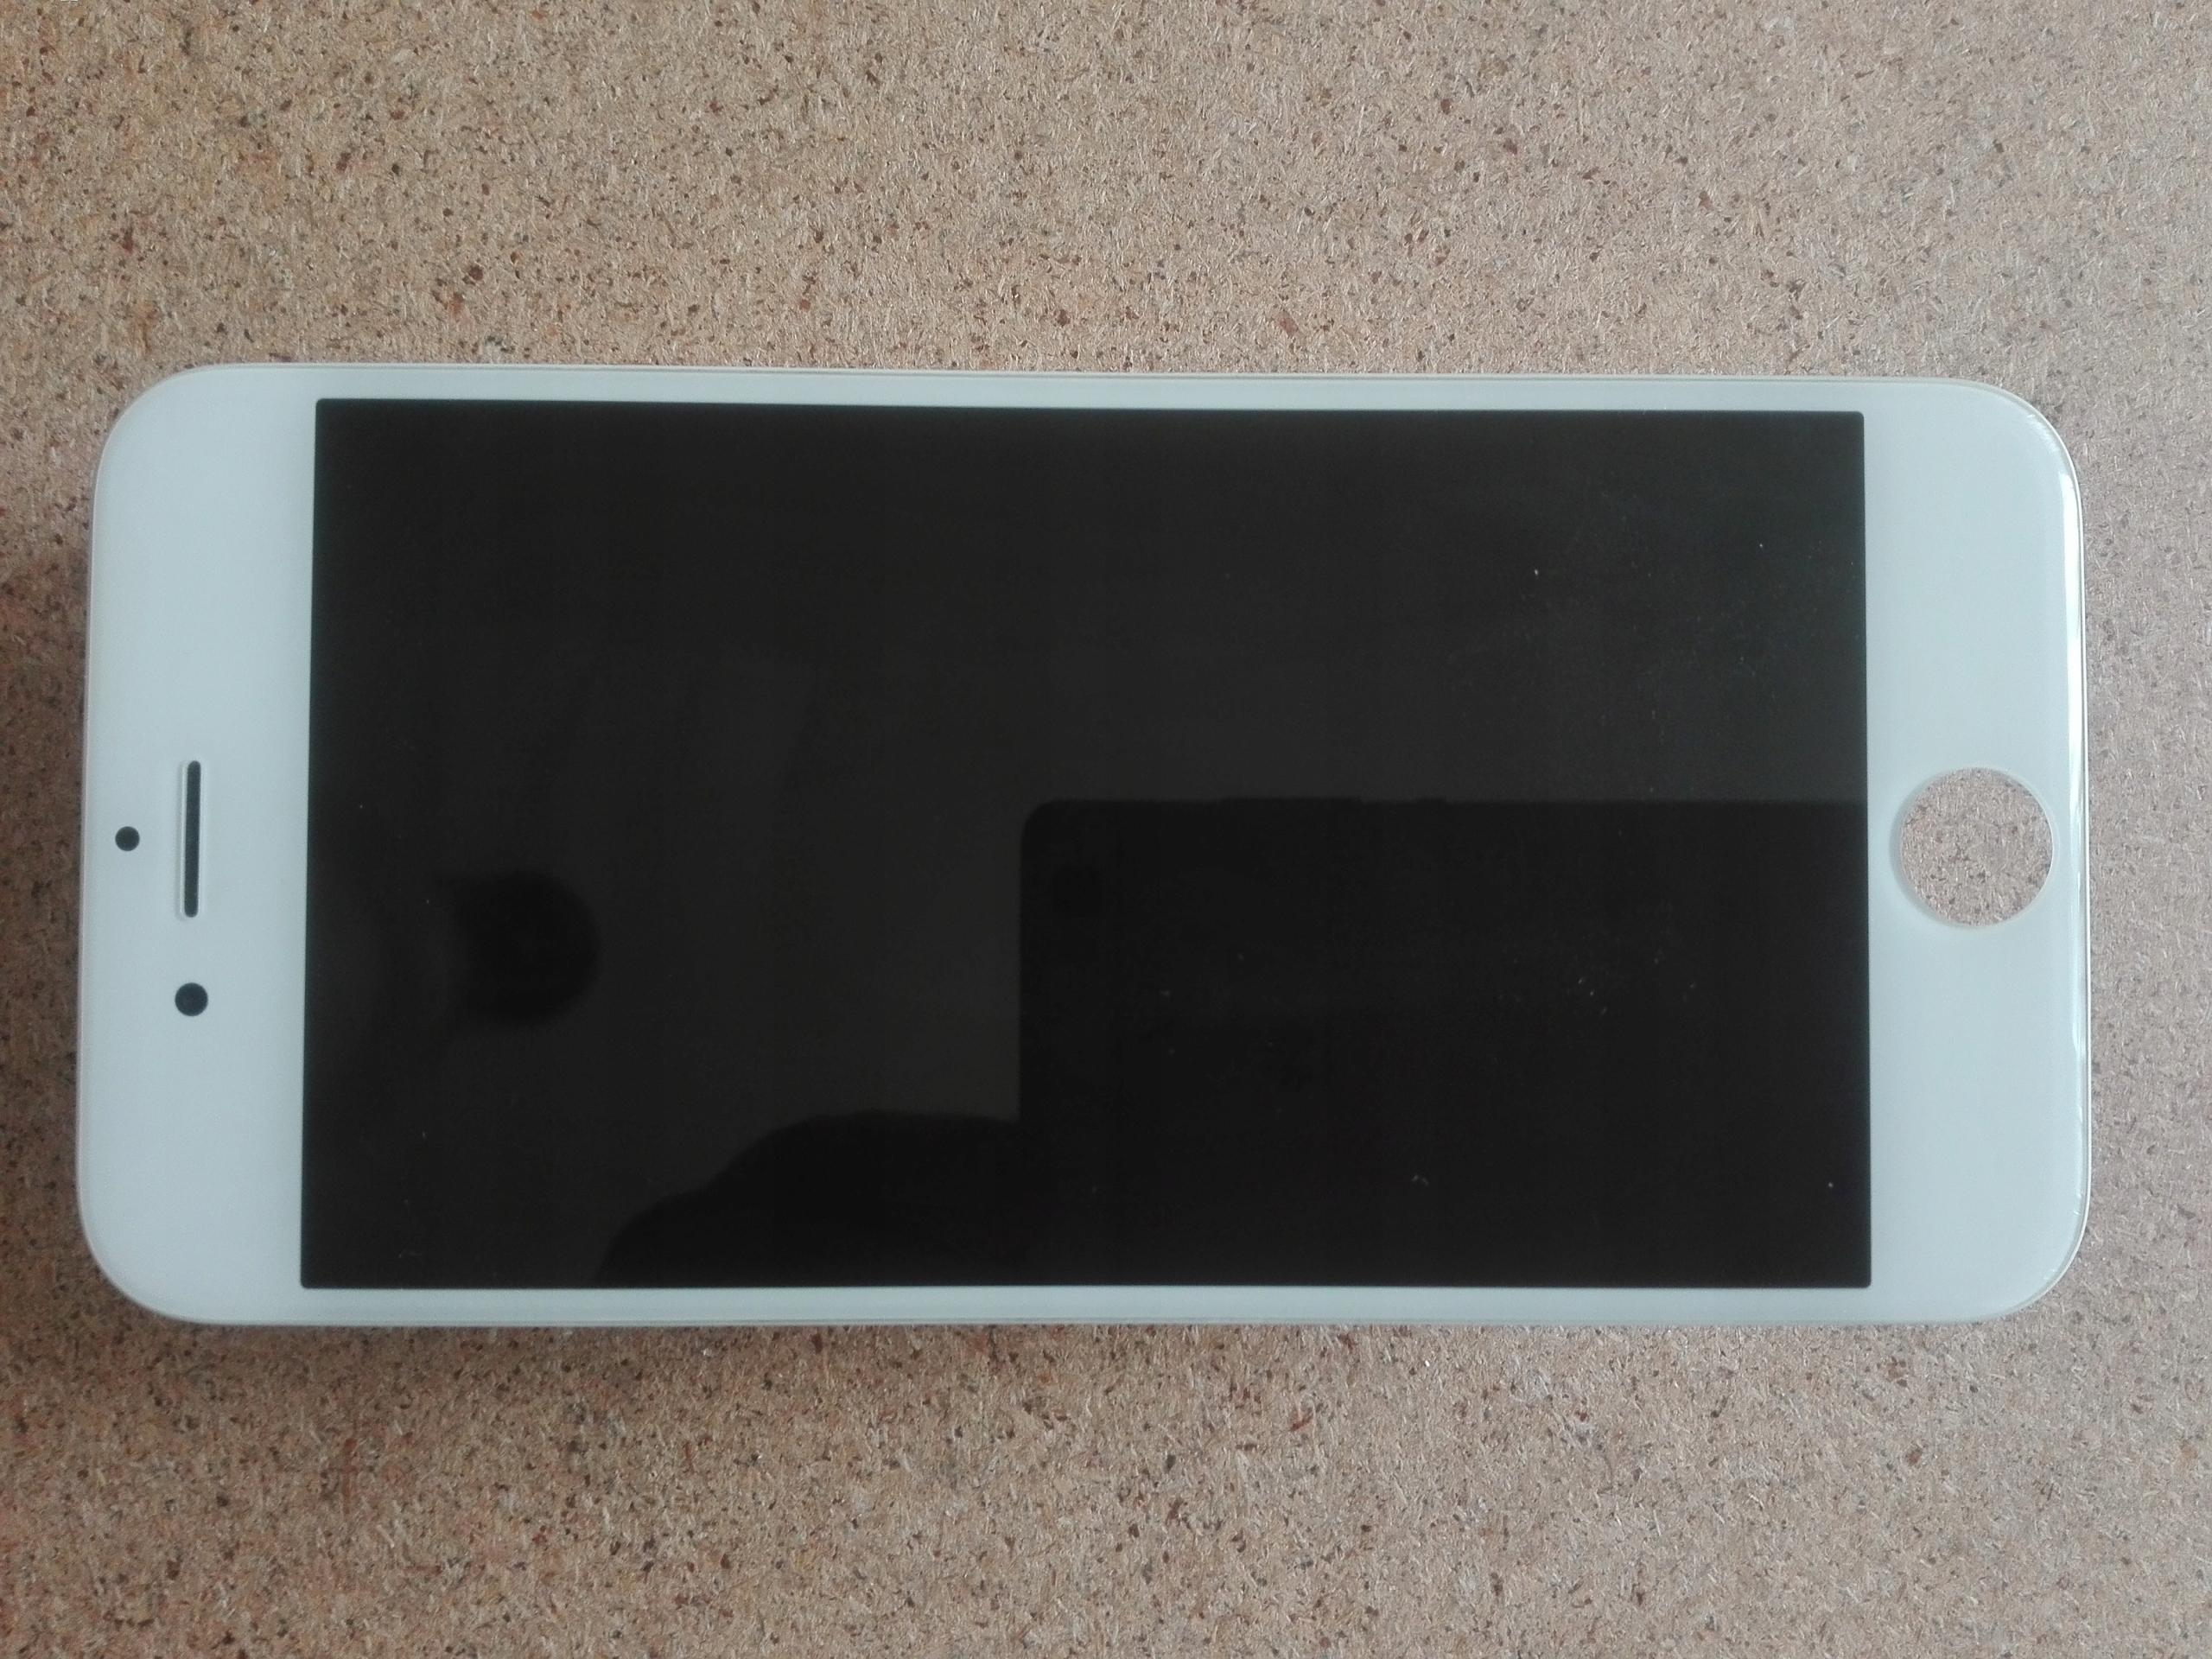 Oryginalny wyświetlacz iPhone 6s - jak nowy!